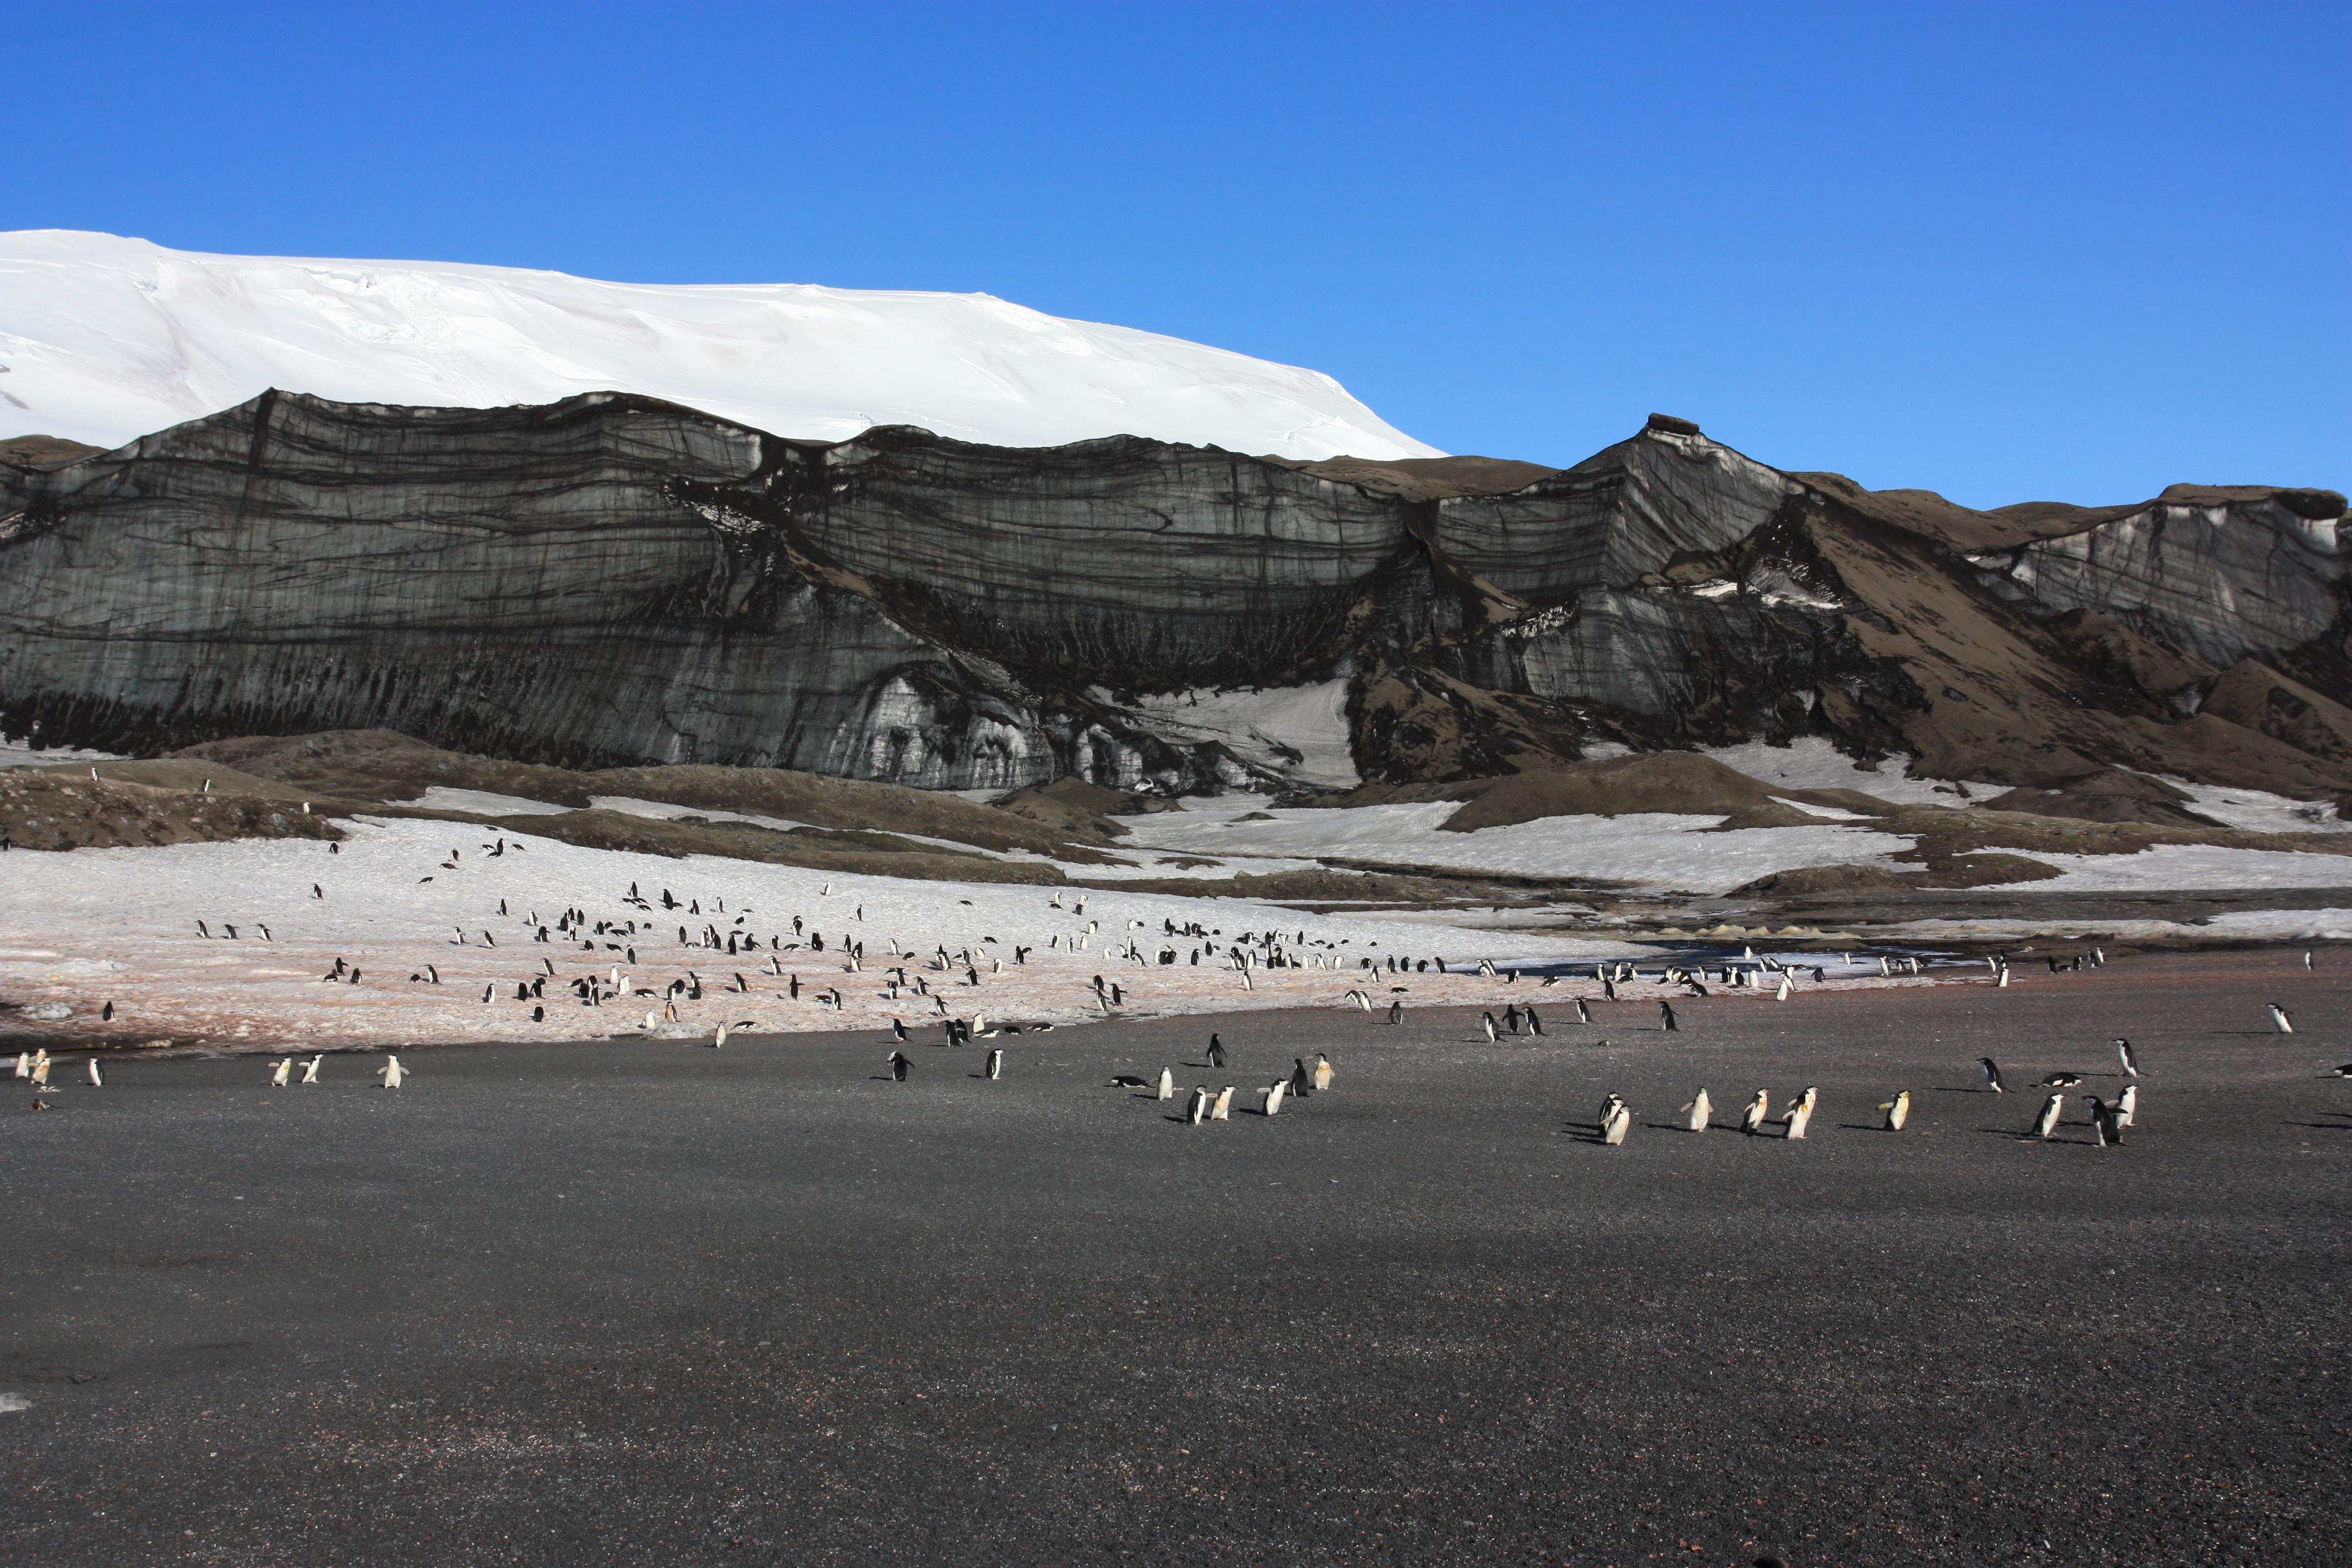 Im Vordergrund läuft eine große Gruppe Pinguine auf die Kamera zu. Im Hintergrund sieht man Berge.